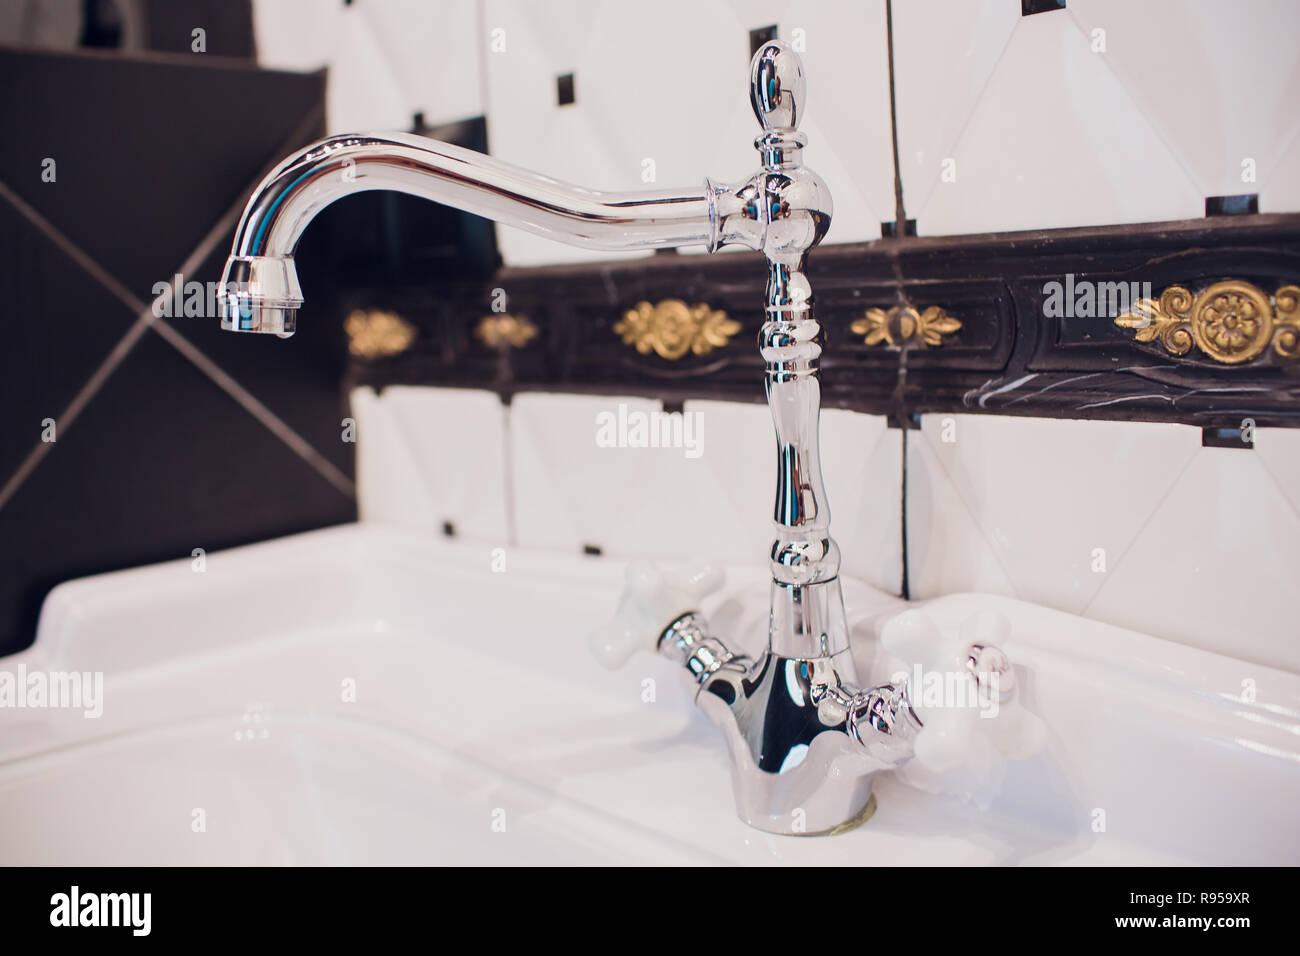 Kupfer Wasserhahn Mixer Mit Porzellan Griffe Stilisierten Antiken